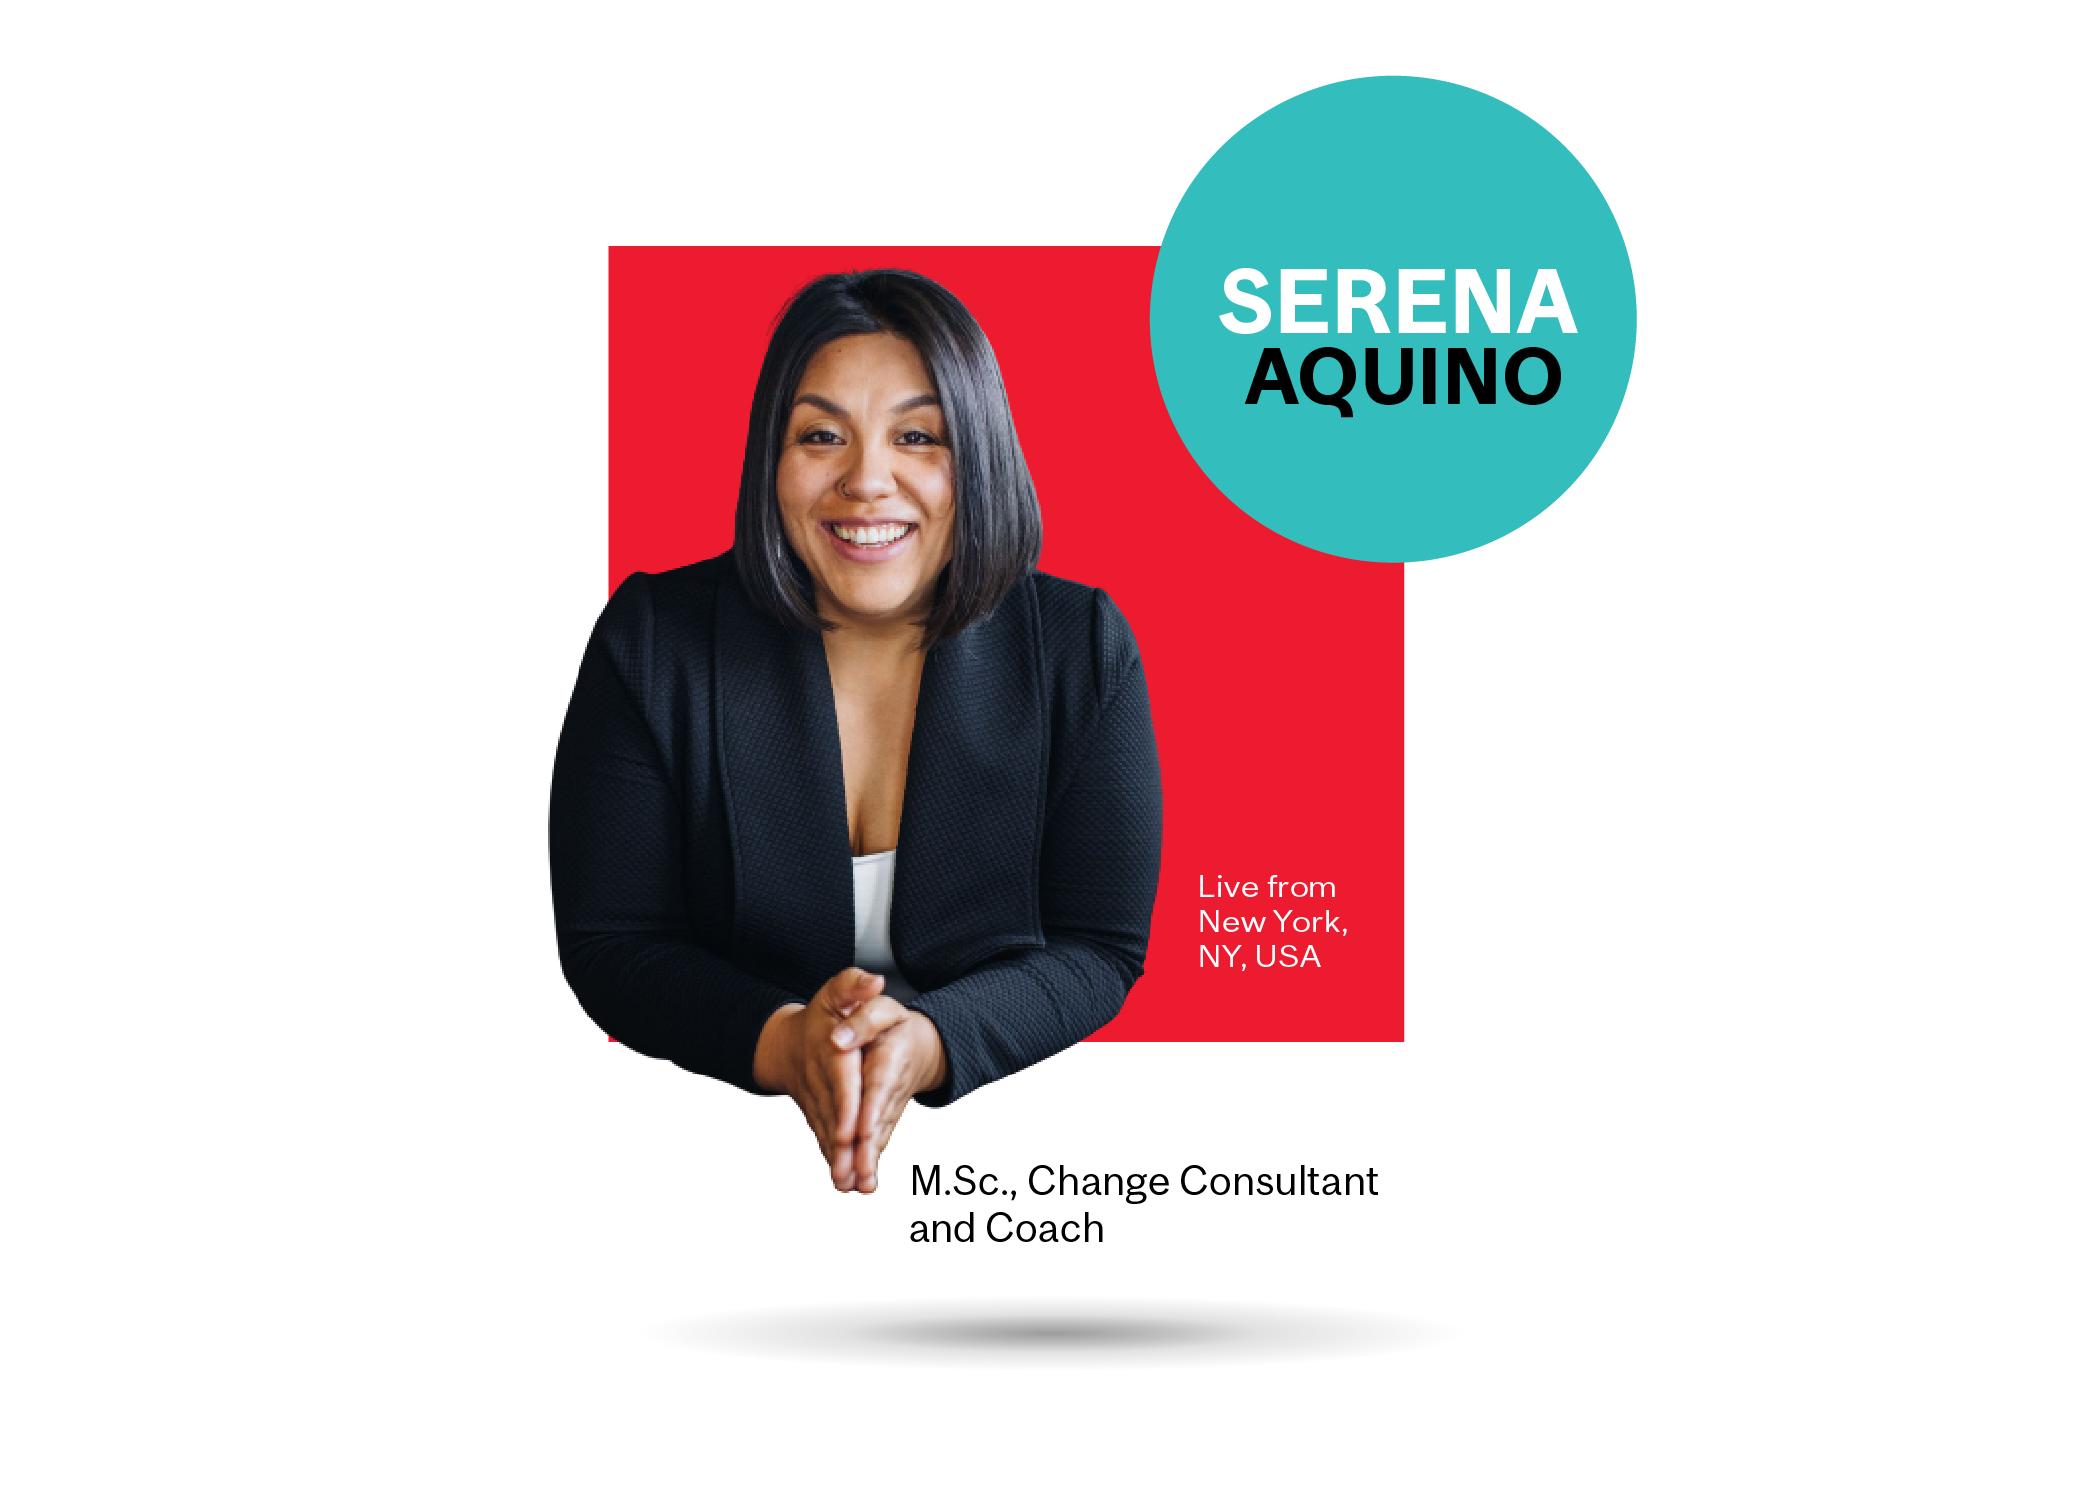 Serena Aquino